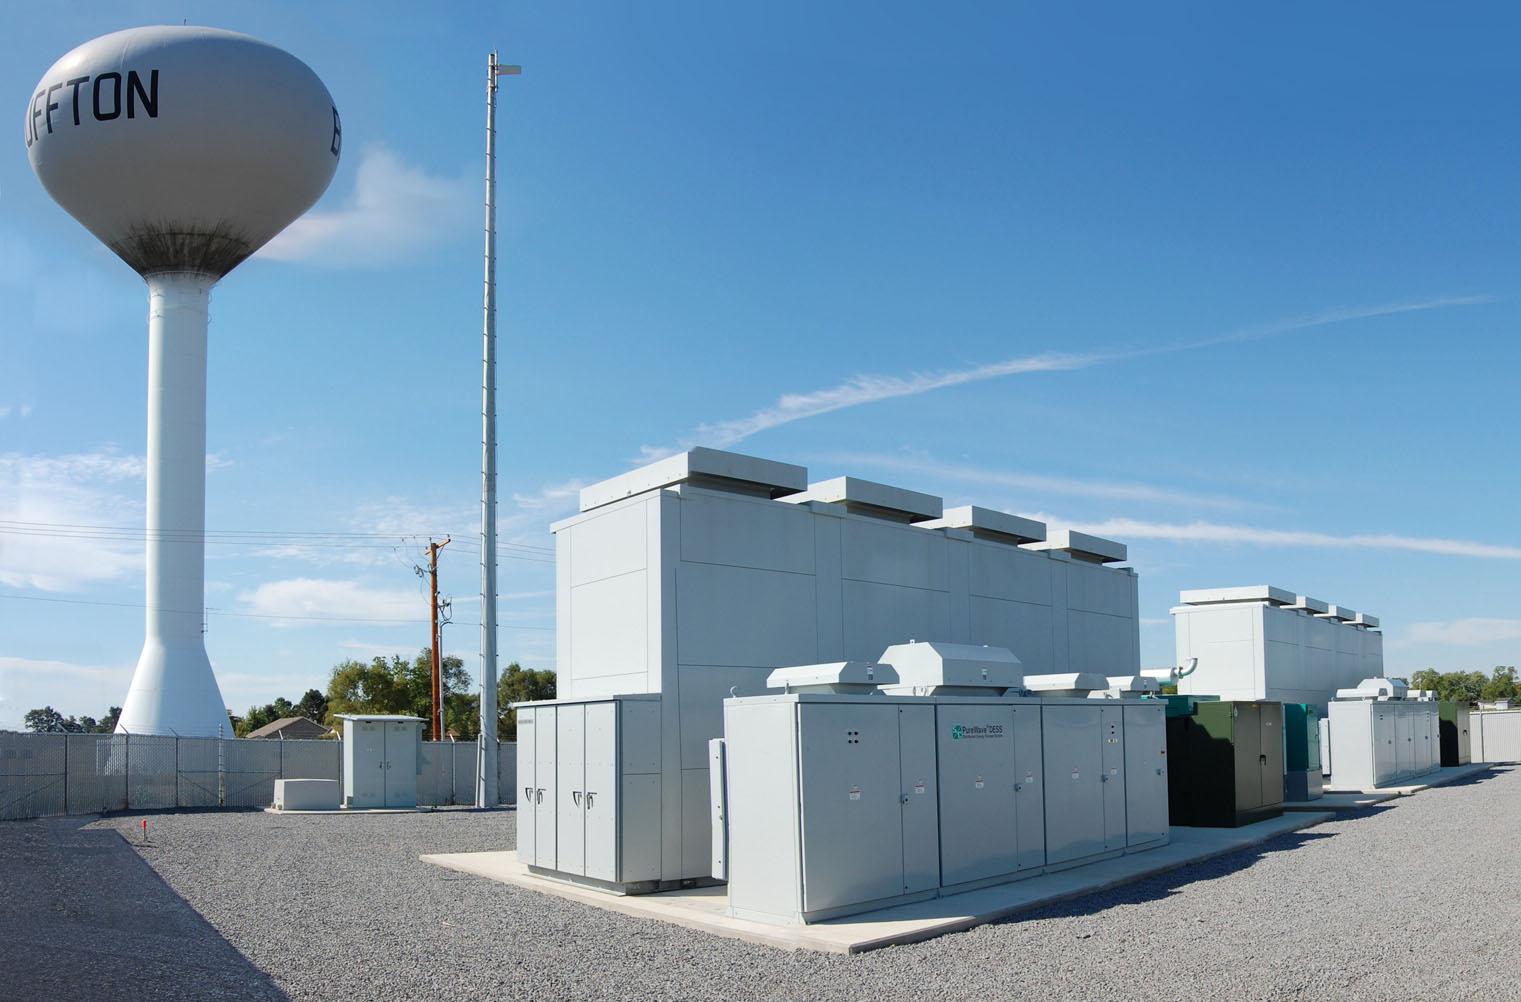 去年累计装机规模24.3GW 储能爆发前夜市场在哪里?